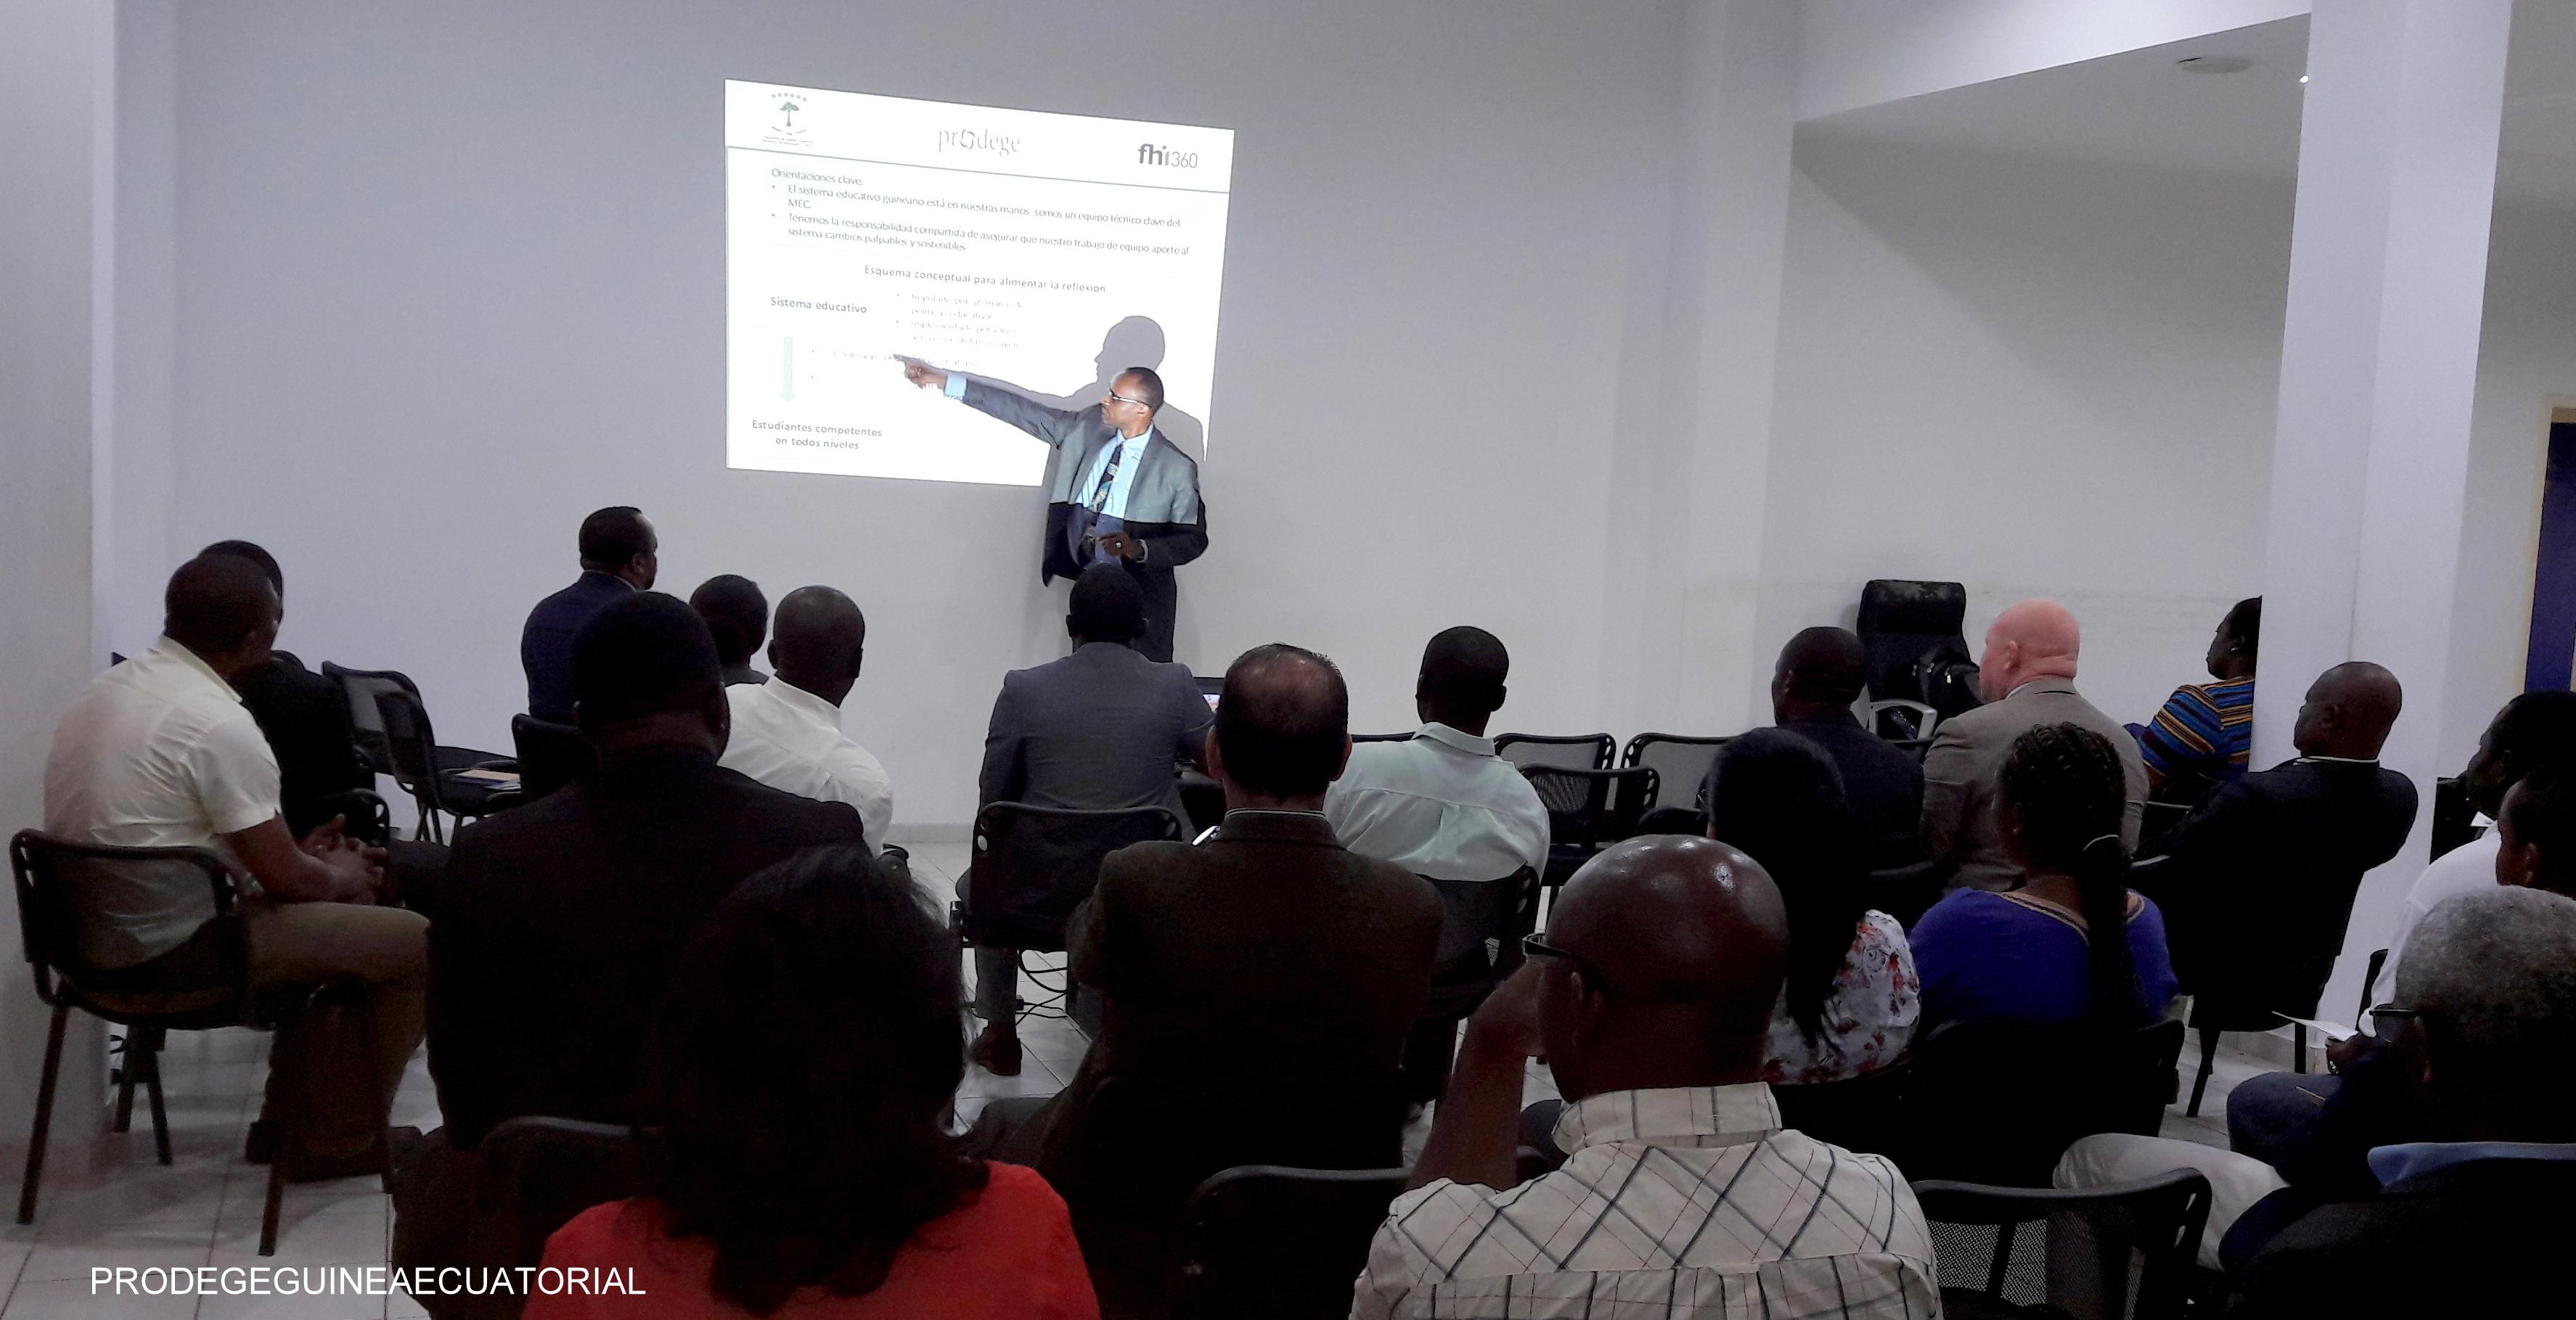 Taller de socialización y validación de la intervención del Programa de Desarrollo Educativo de Guinea Ecuatorial (PRODEGE) en la Enseñanza Secundaria Básica (ESBA) dirigido a los directivos del Ministerio de Educación y Ciencia (MEC).